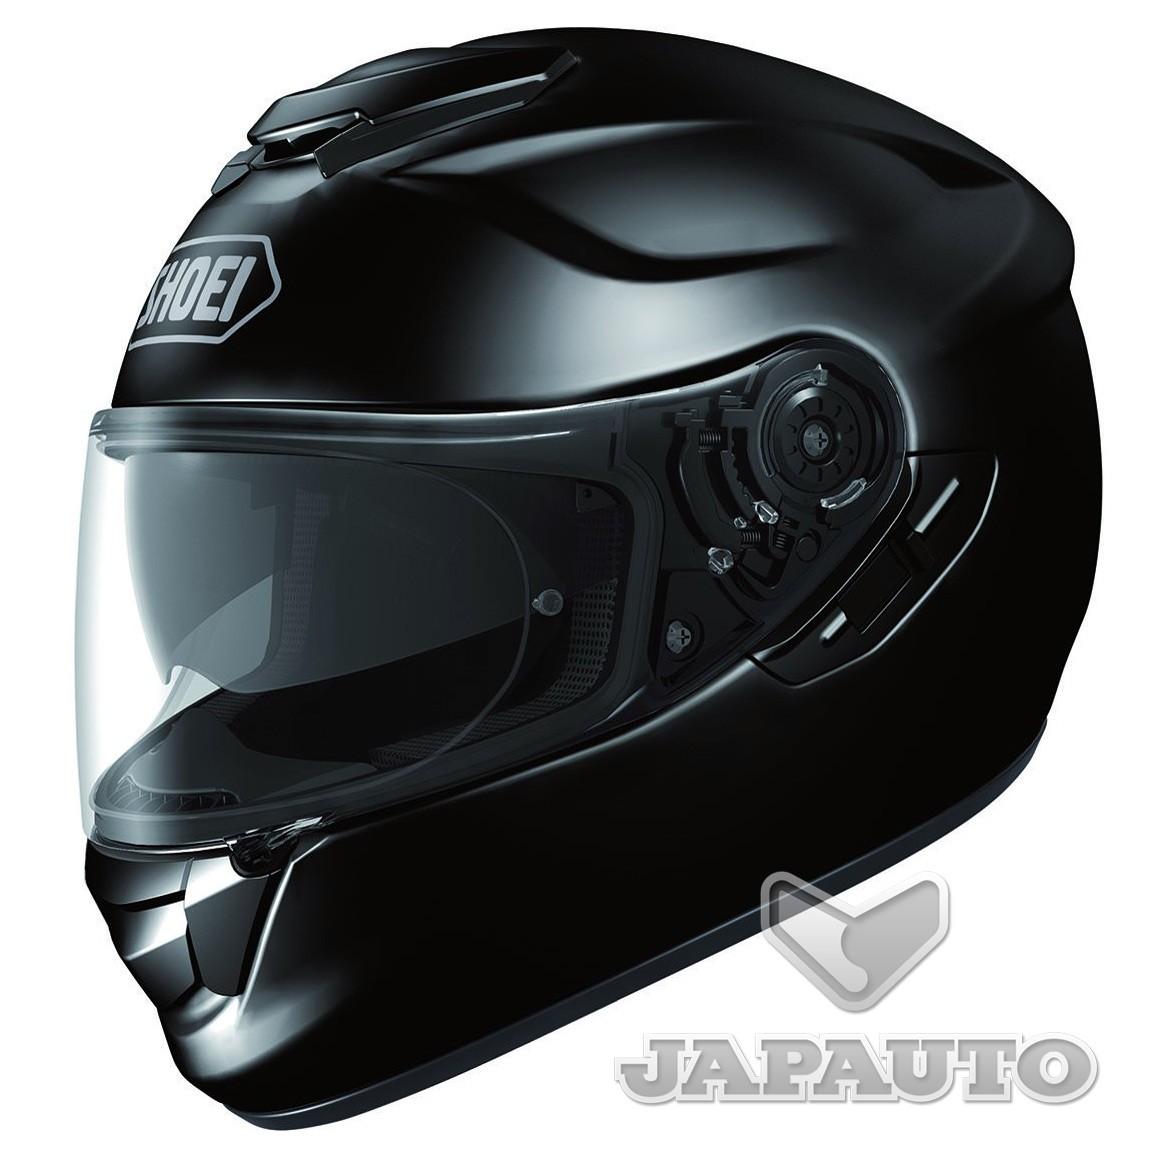 casque int gral shoei gt air noir japauto accessoires equipement pilote pour moto et scooter. Black Bedroom Furniture Sets. Home Design Ideas